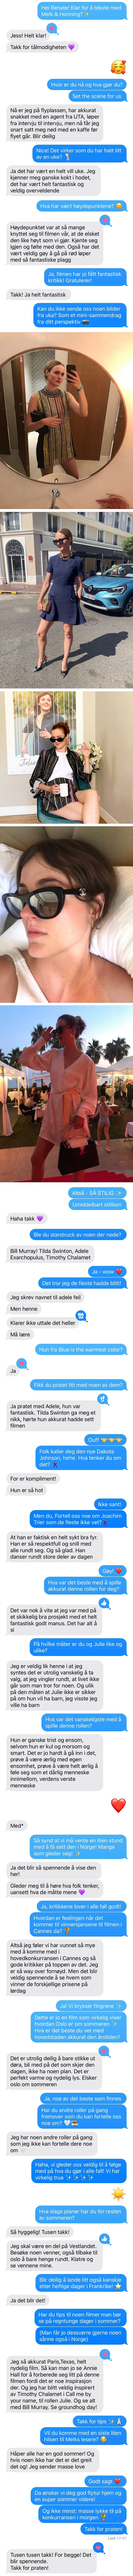 SMS-intervju med det norske stjerneskuddet Renate Reinsve